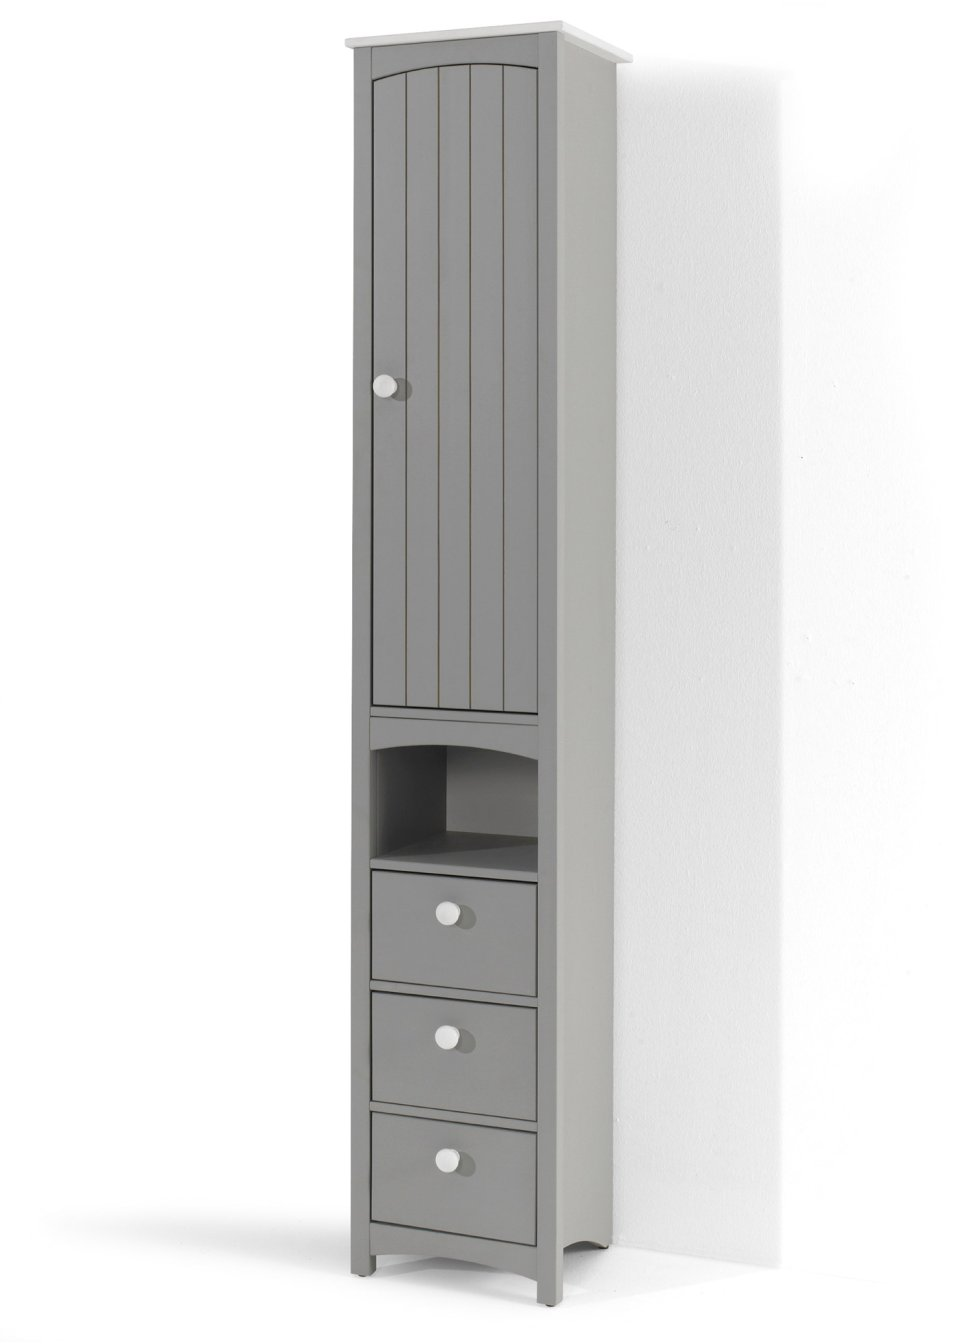 platzsparender schmaler badezimmer hochschrank paula grau schmal. Black Bedroom Furniture Sets. Home Design Ideas